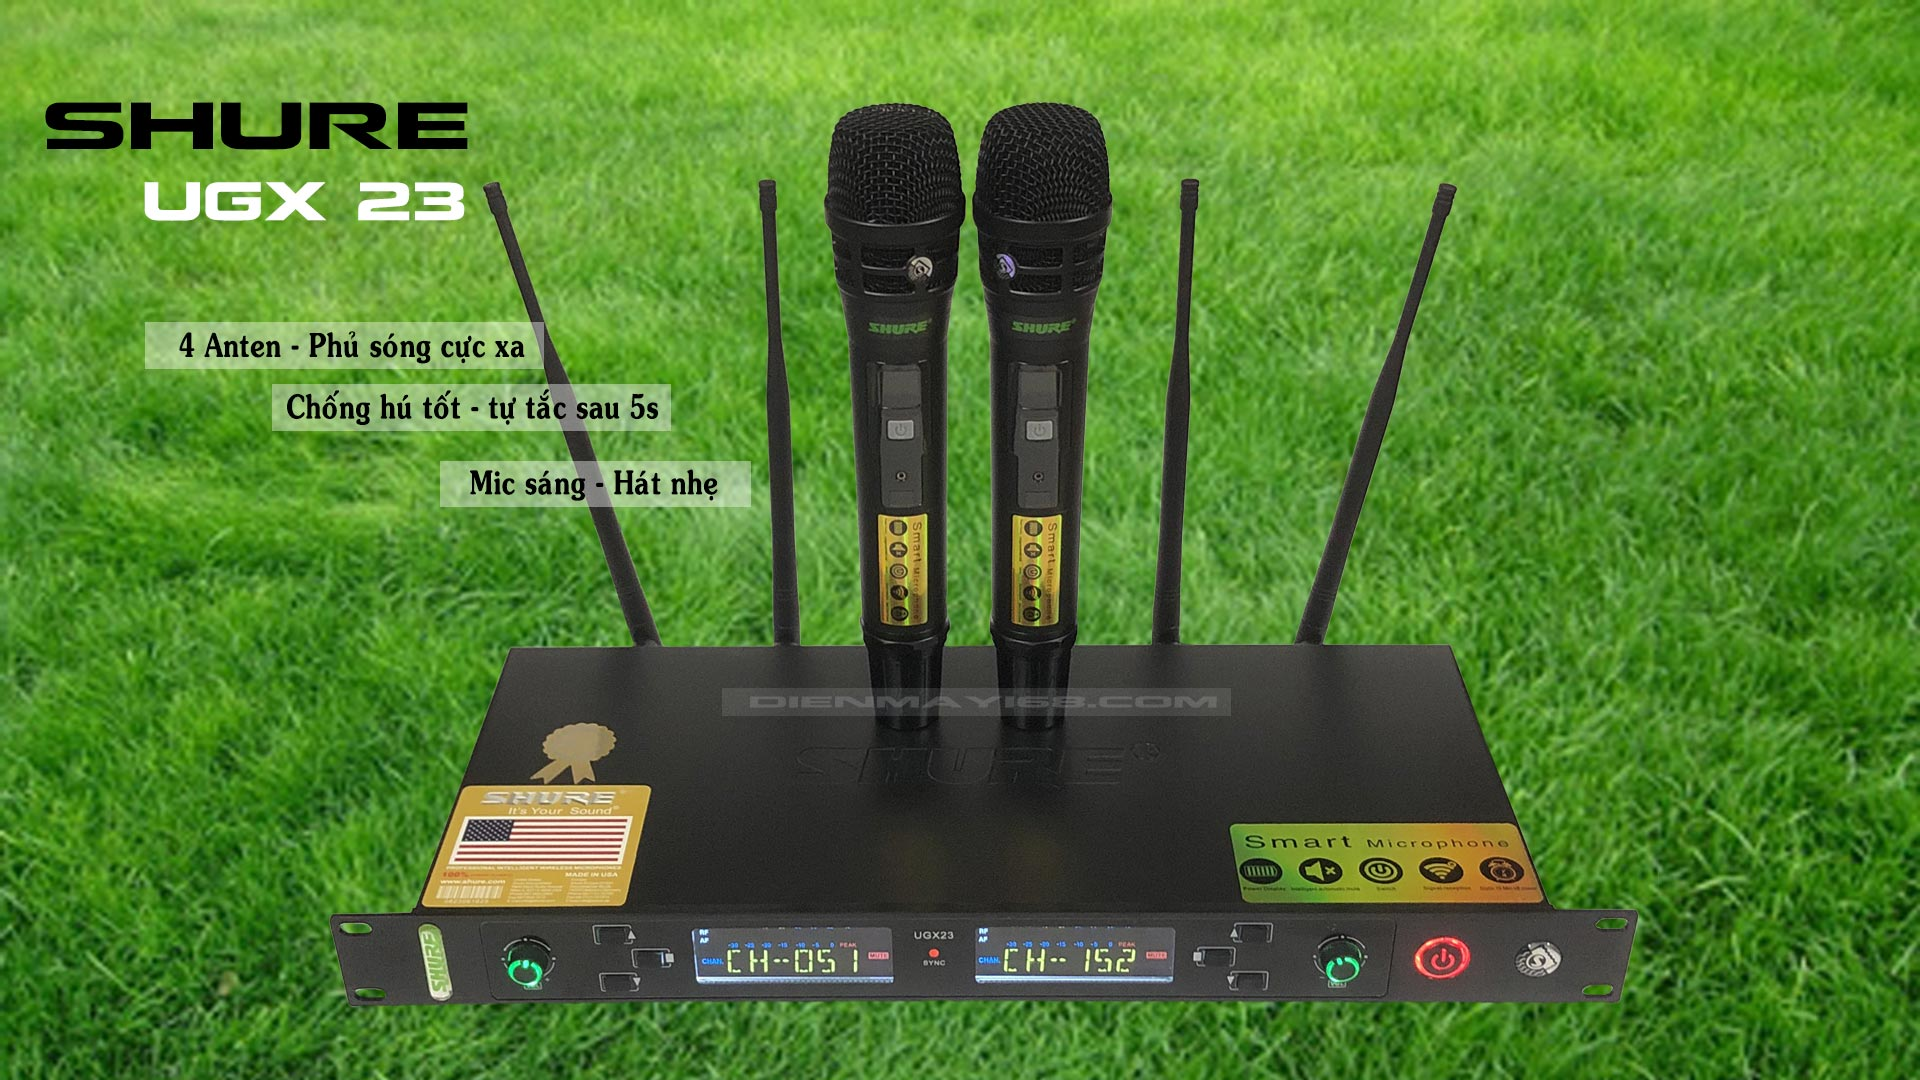 Micro không dây Shure UGX23 Loại 1